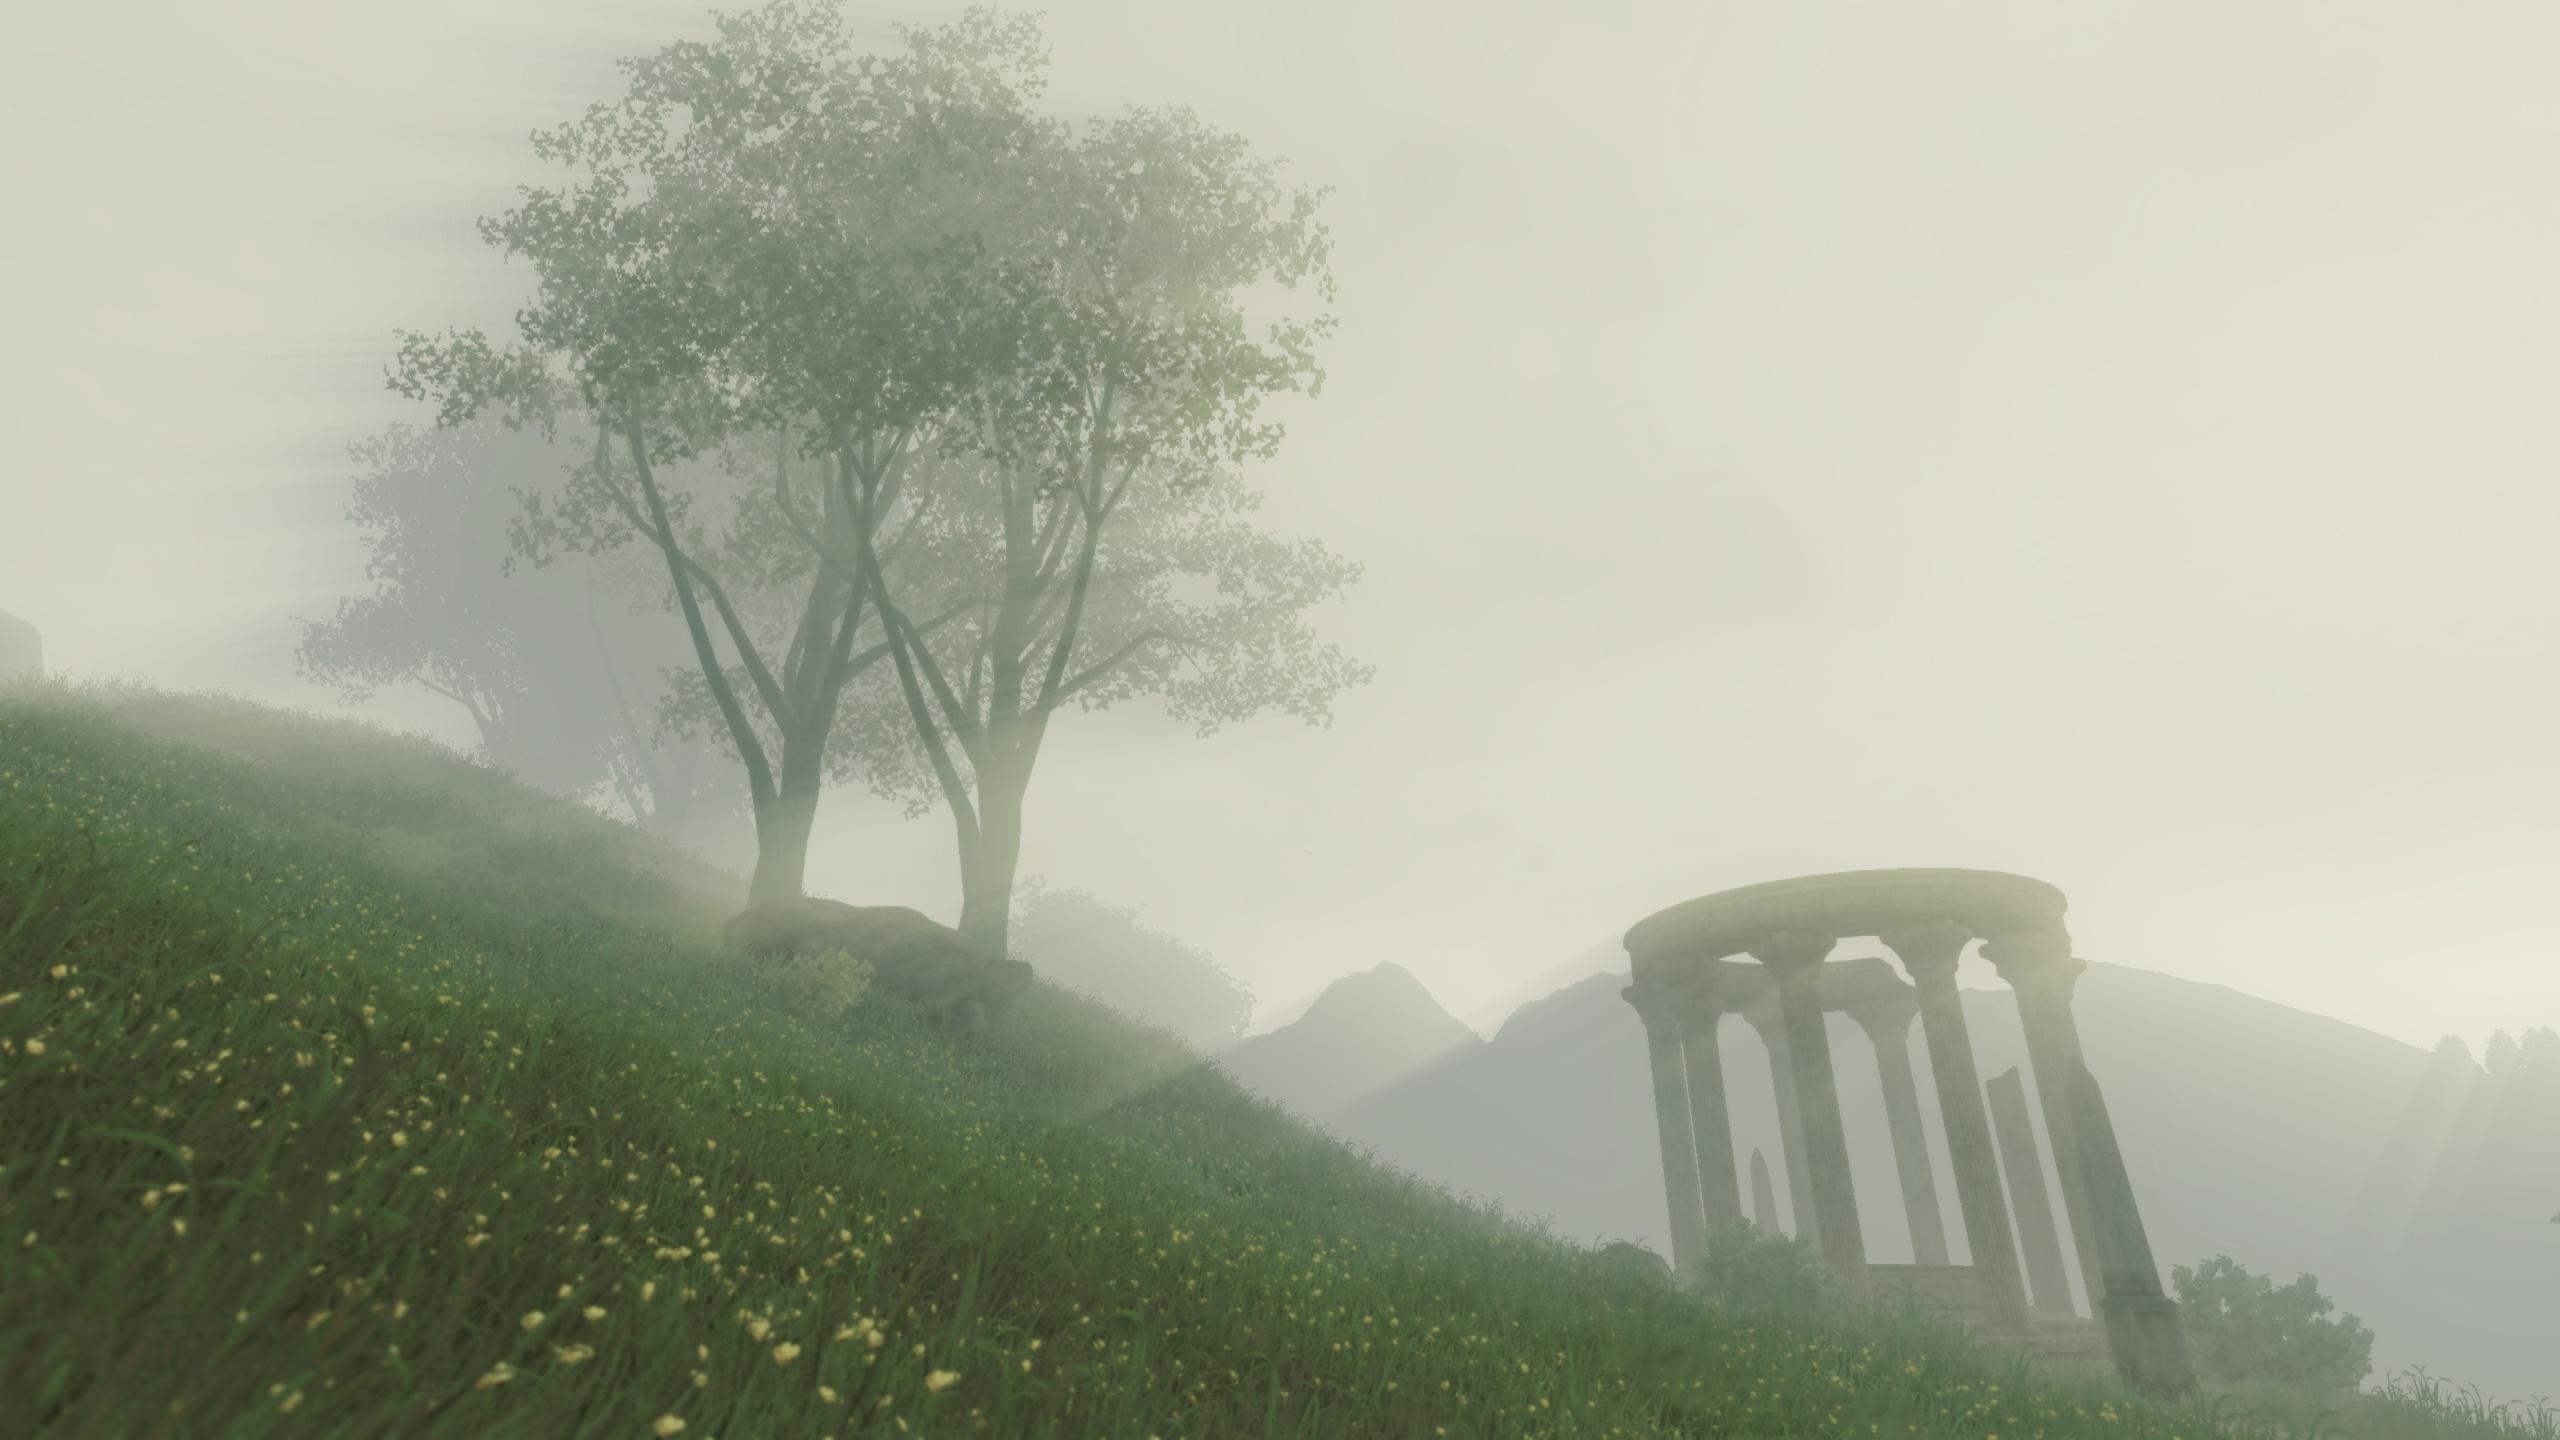 Video Game The Elder Scrolls IV Oblivion 2560x1440